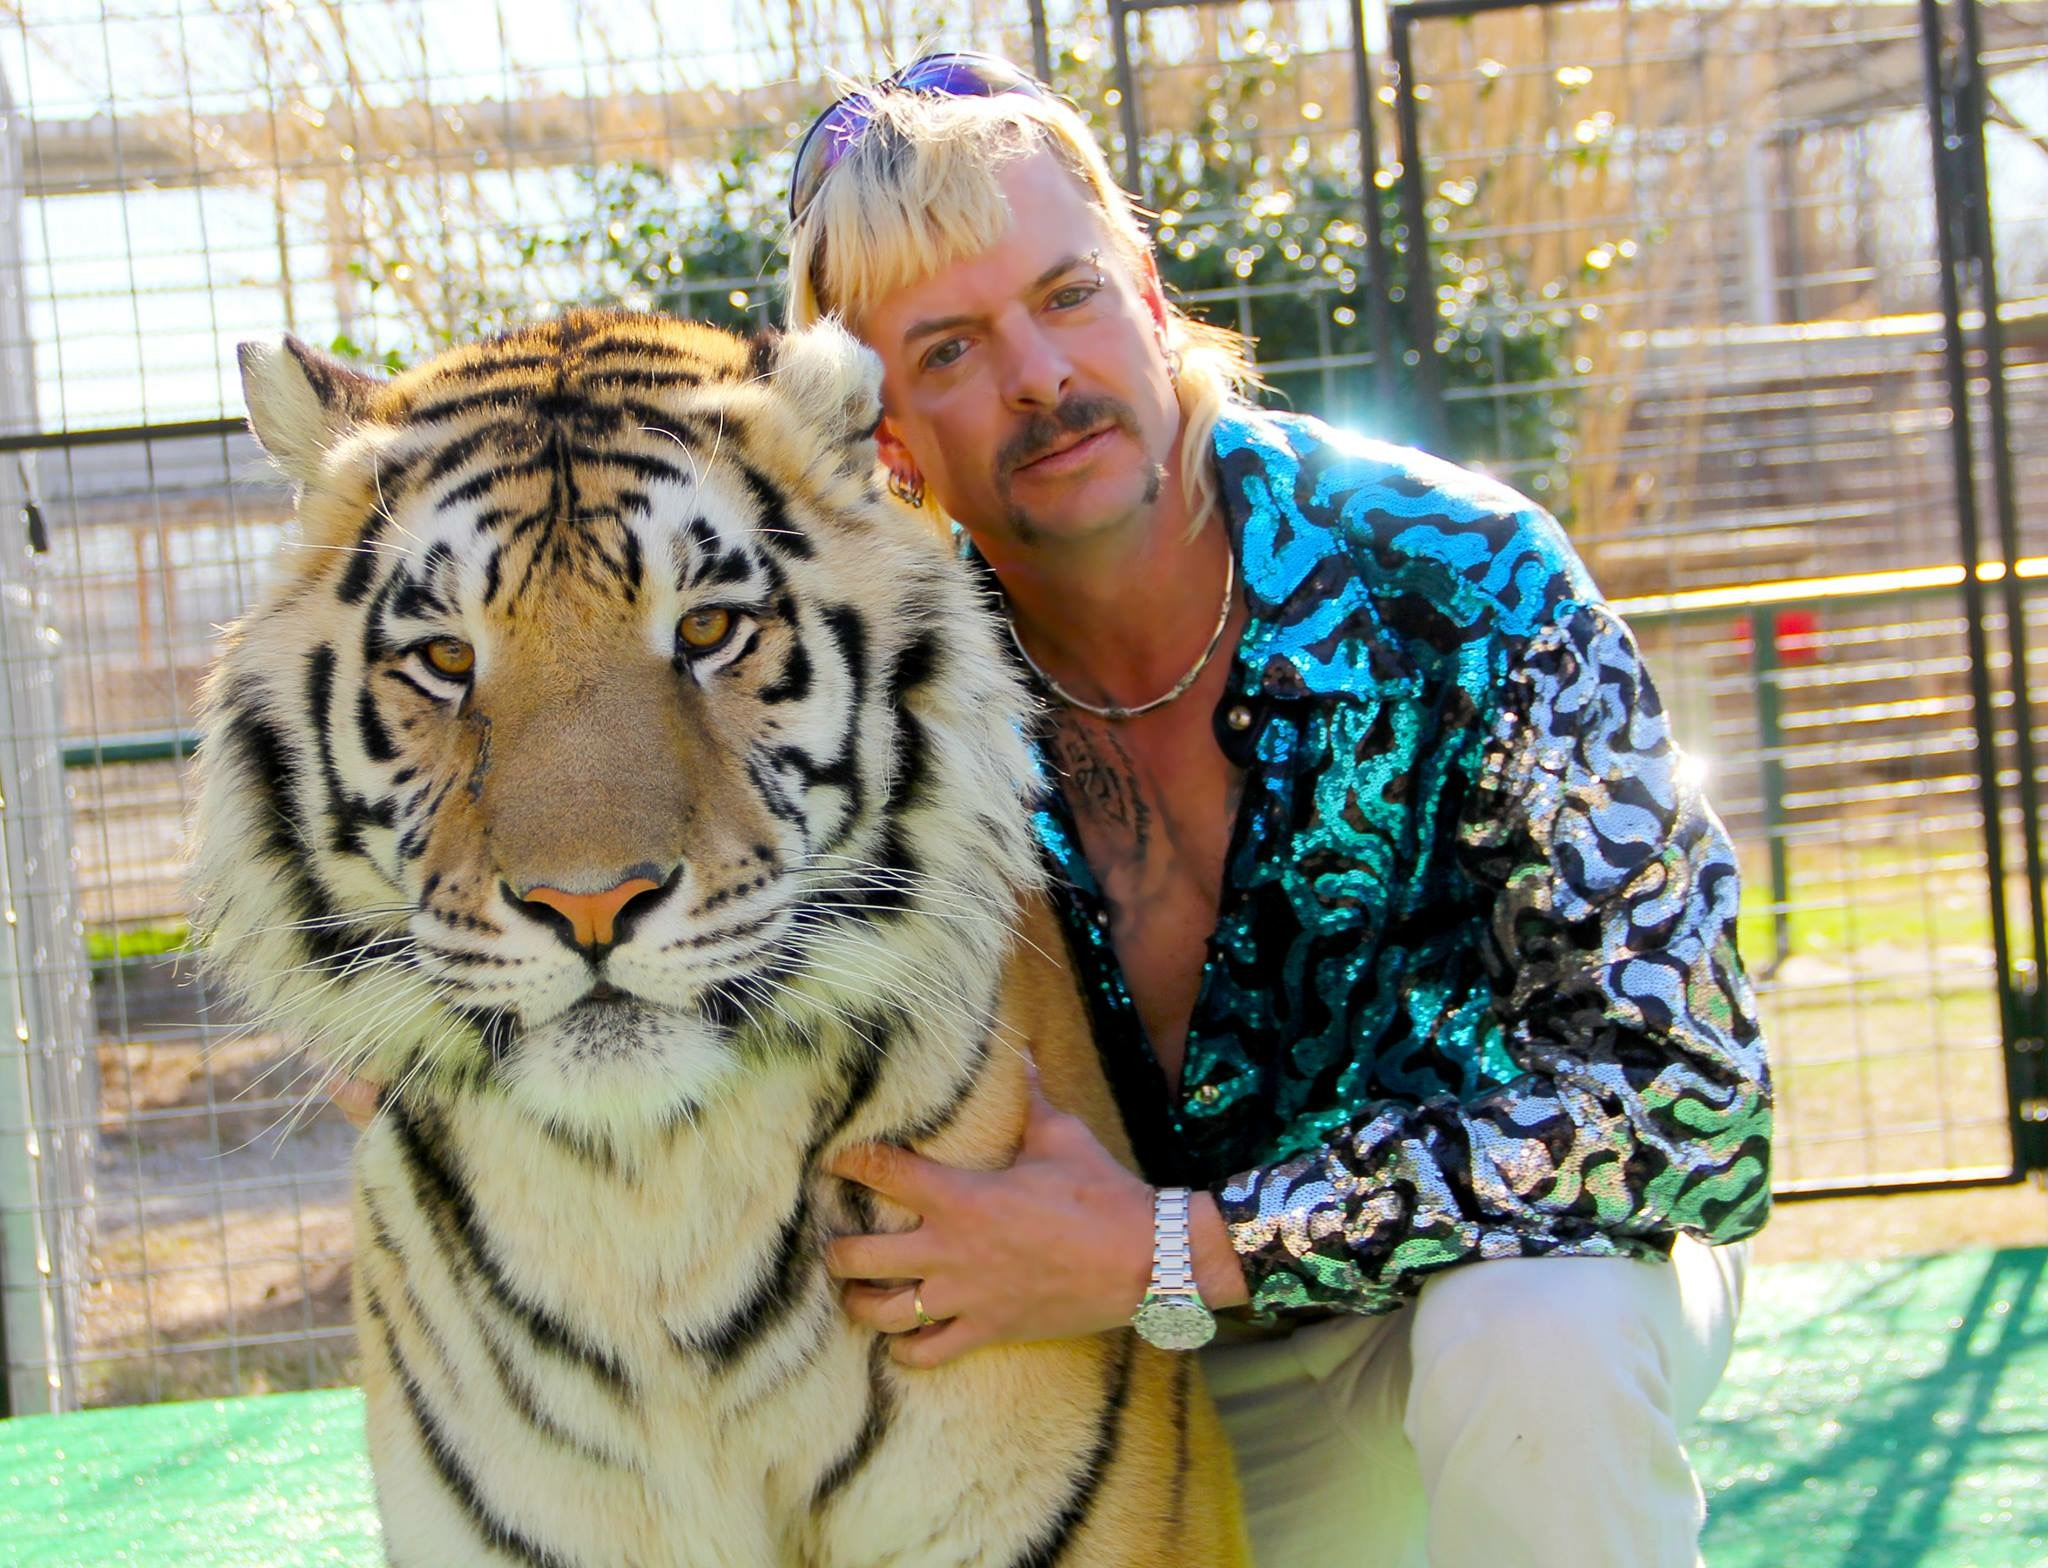 「動物好き=いい人」ではない! トラに賞味期限切れのエサを…劣悪男との仁義なき戦い【Netflixドキュメンタリー】